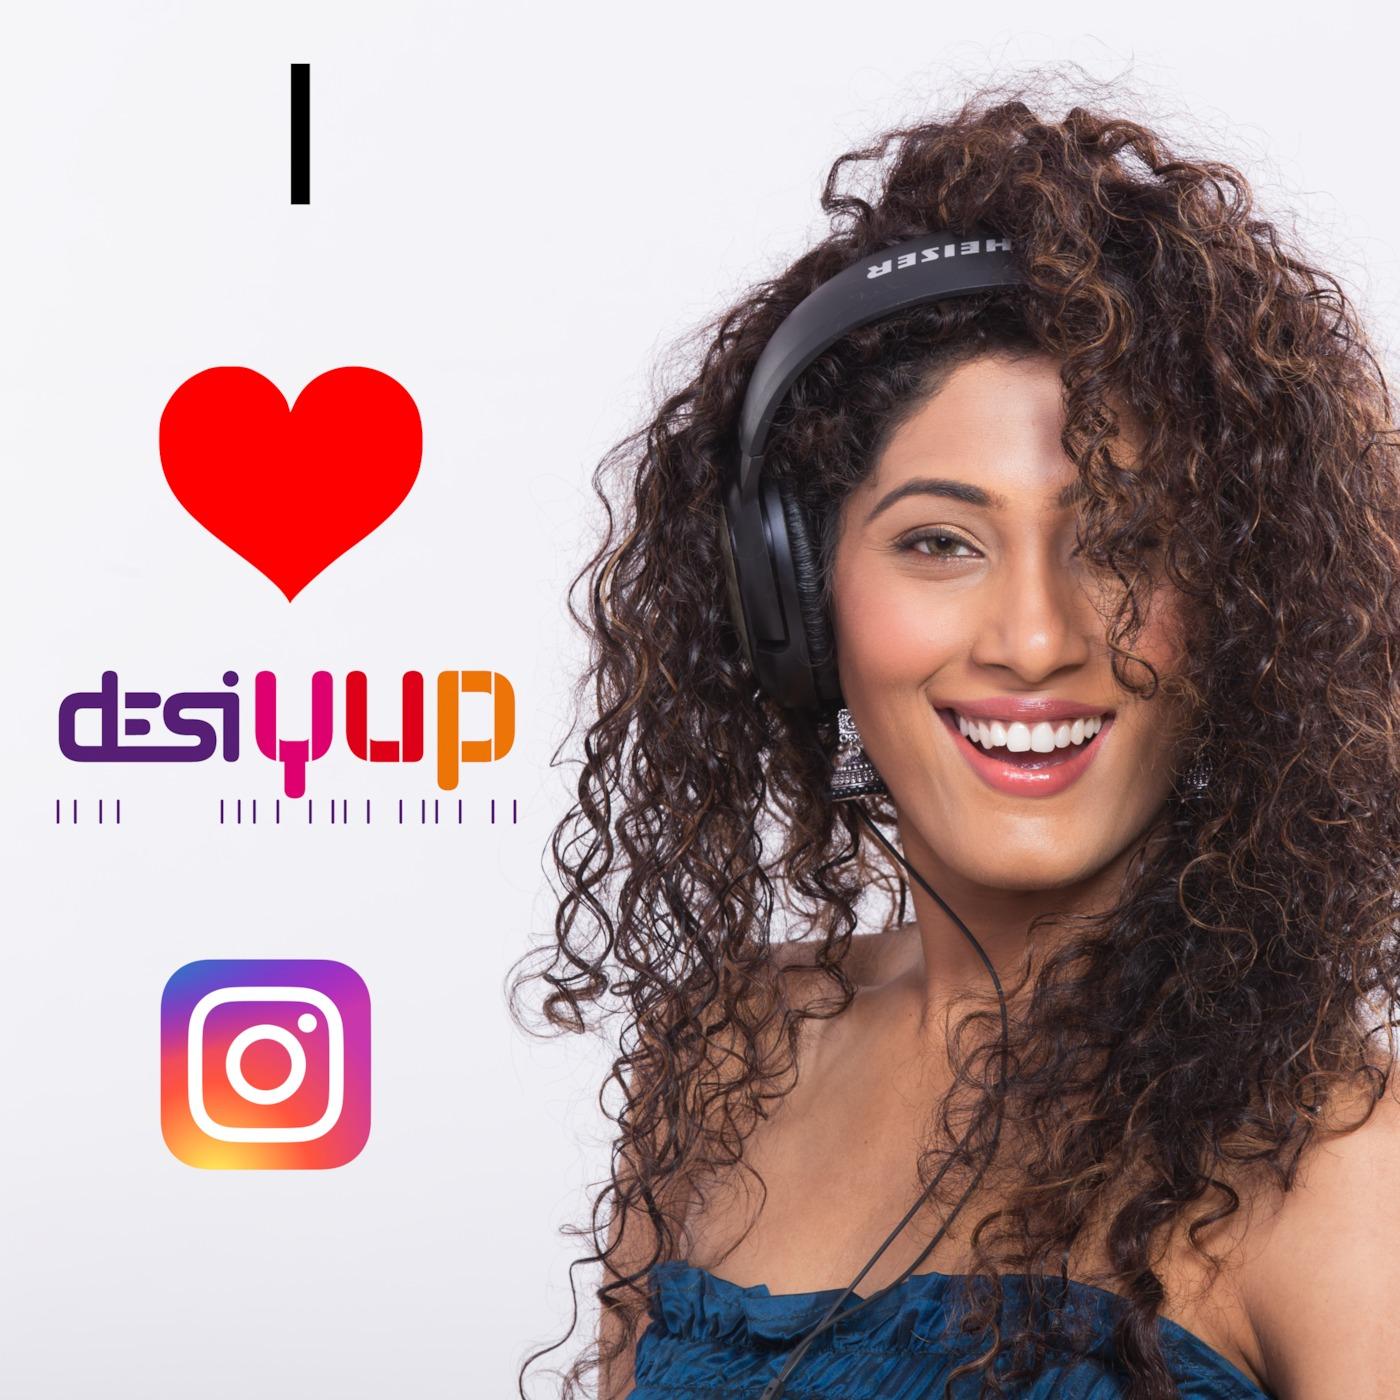 DesiYup.com Podcast